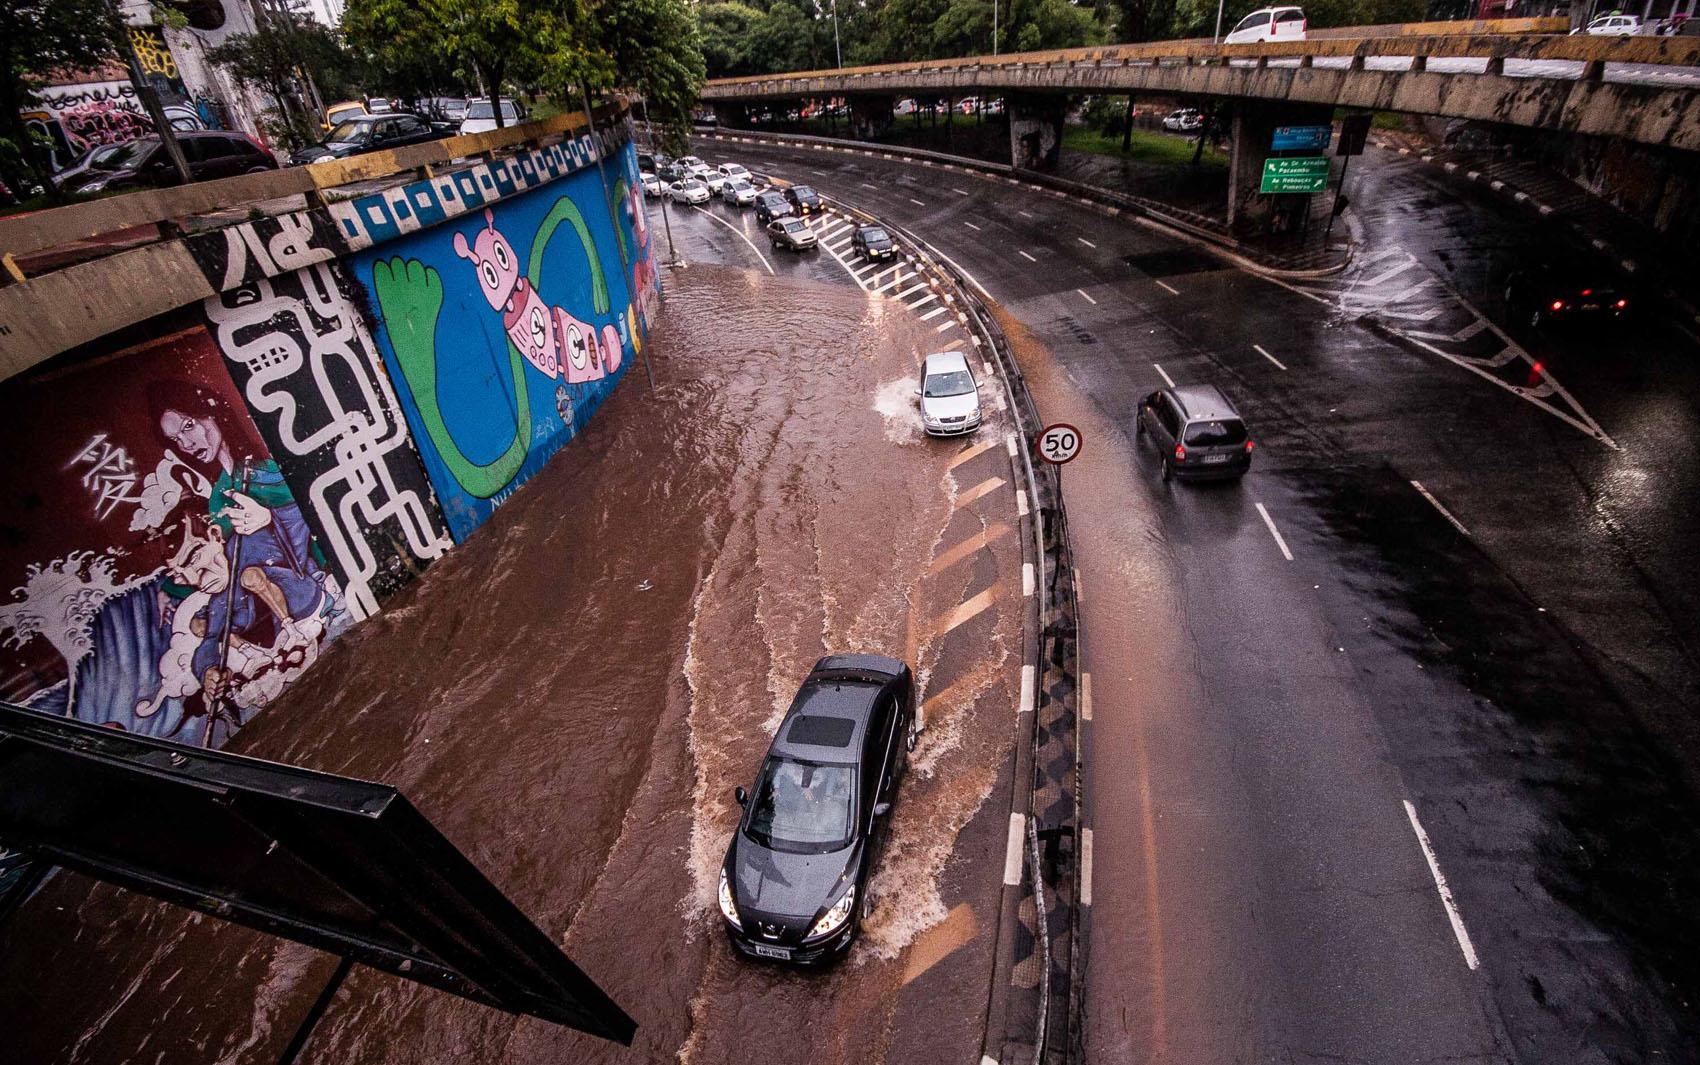 Motoristas enfrentam ponto de alagamento na passagem entre a Rua da Consolação e a Avenida Paulista, na região central de São Paulo, na tarde desta terça-feira (19)